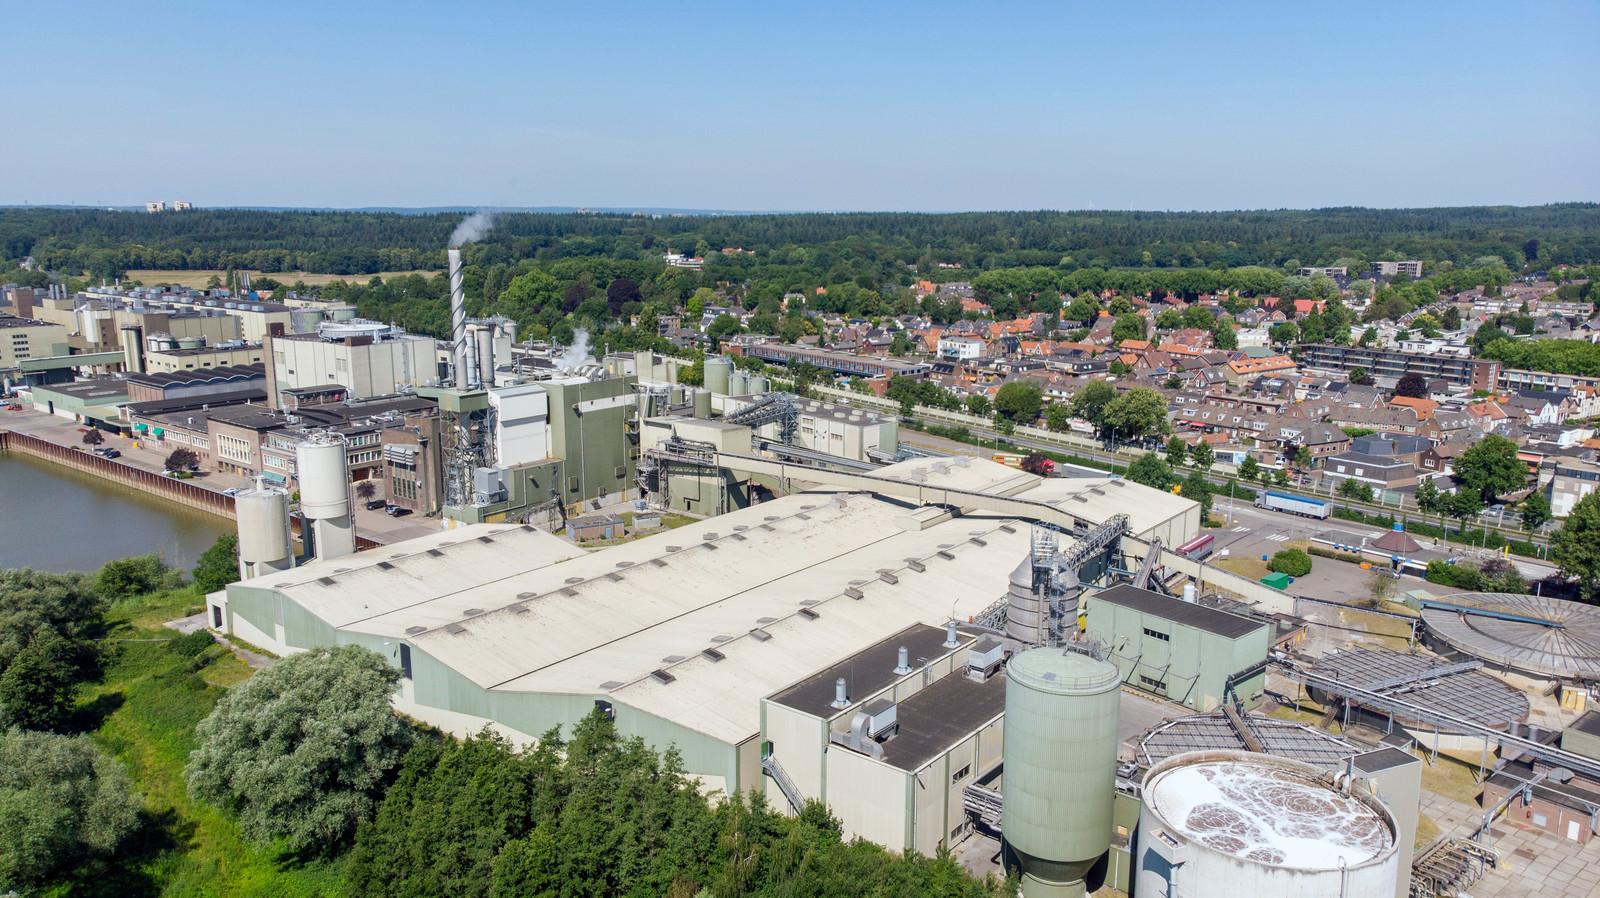 De papierfabriek Smurfit Kappa Parenco met vlak daarachter het dorp Renkum.